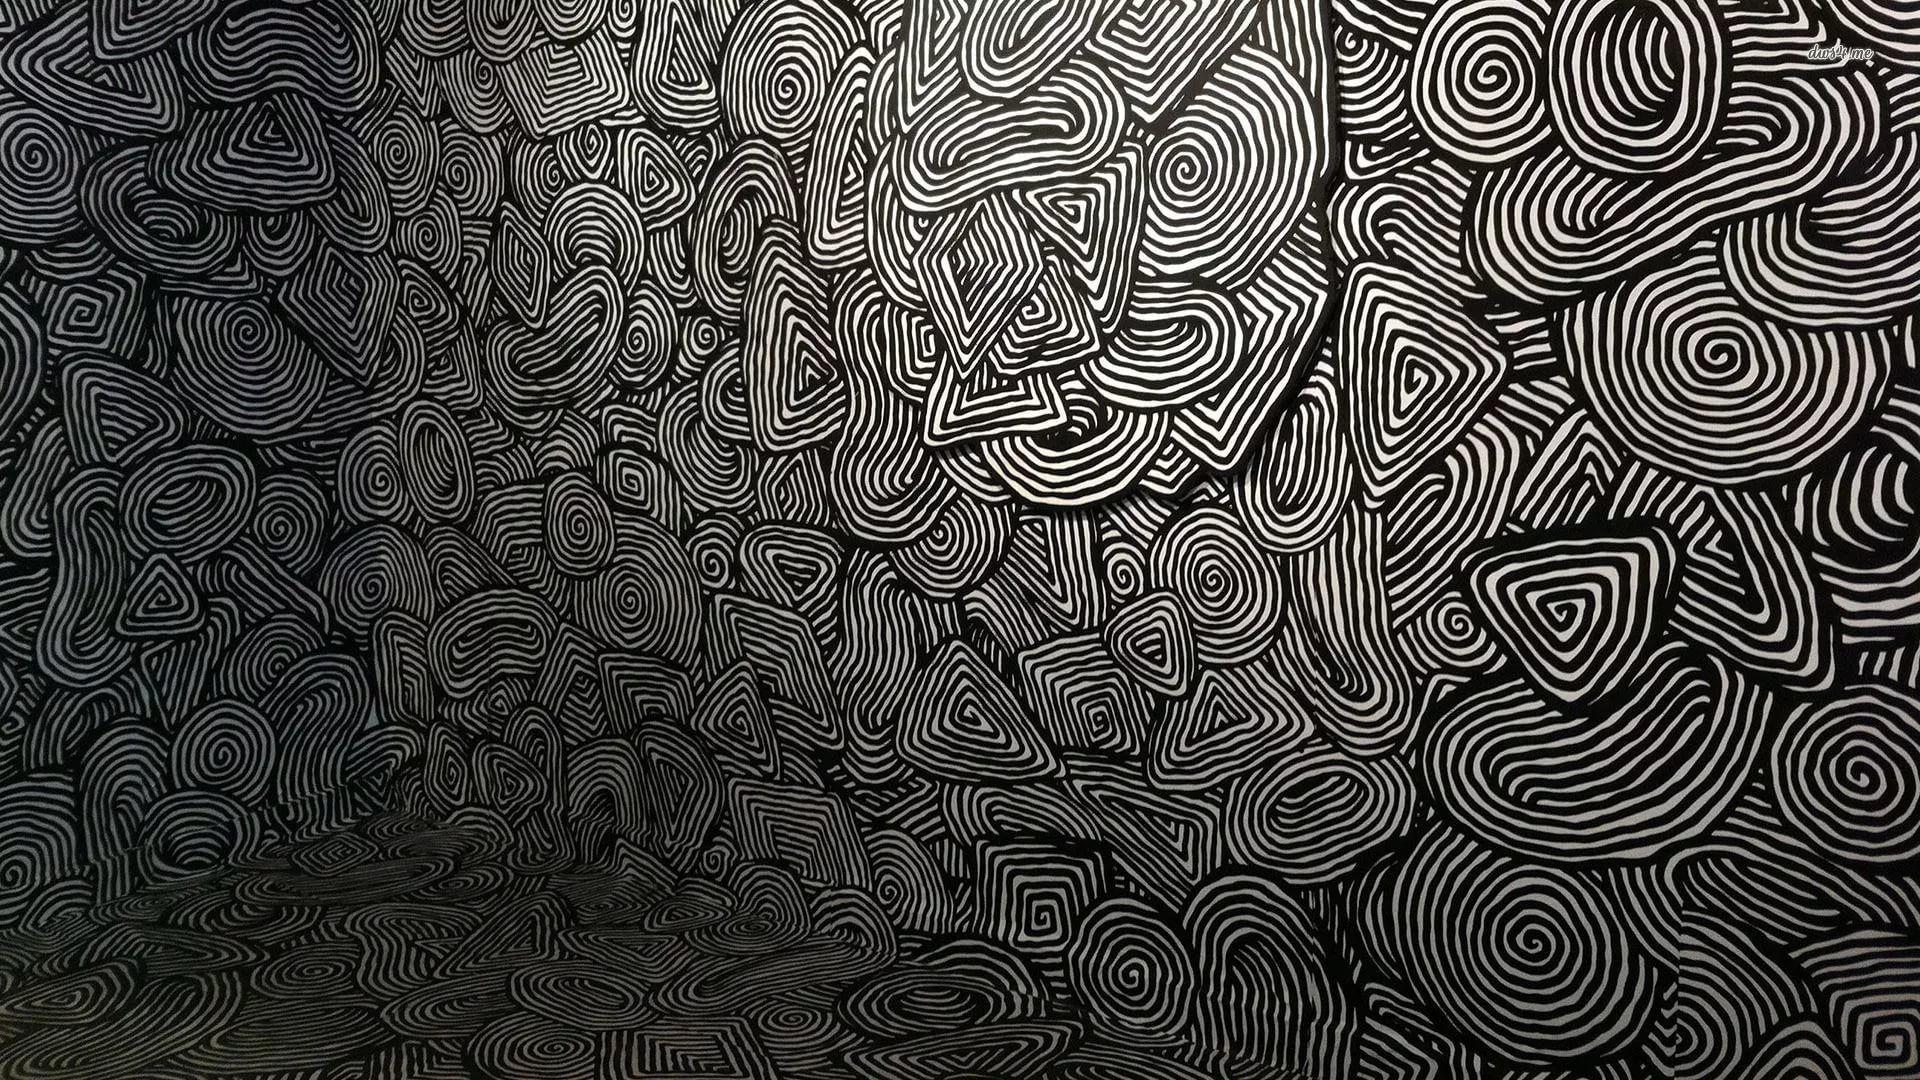 Boho PC Wallpaper